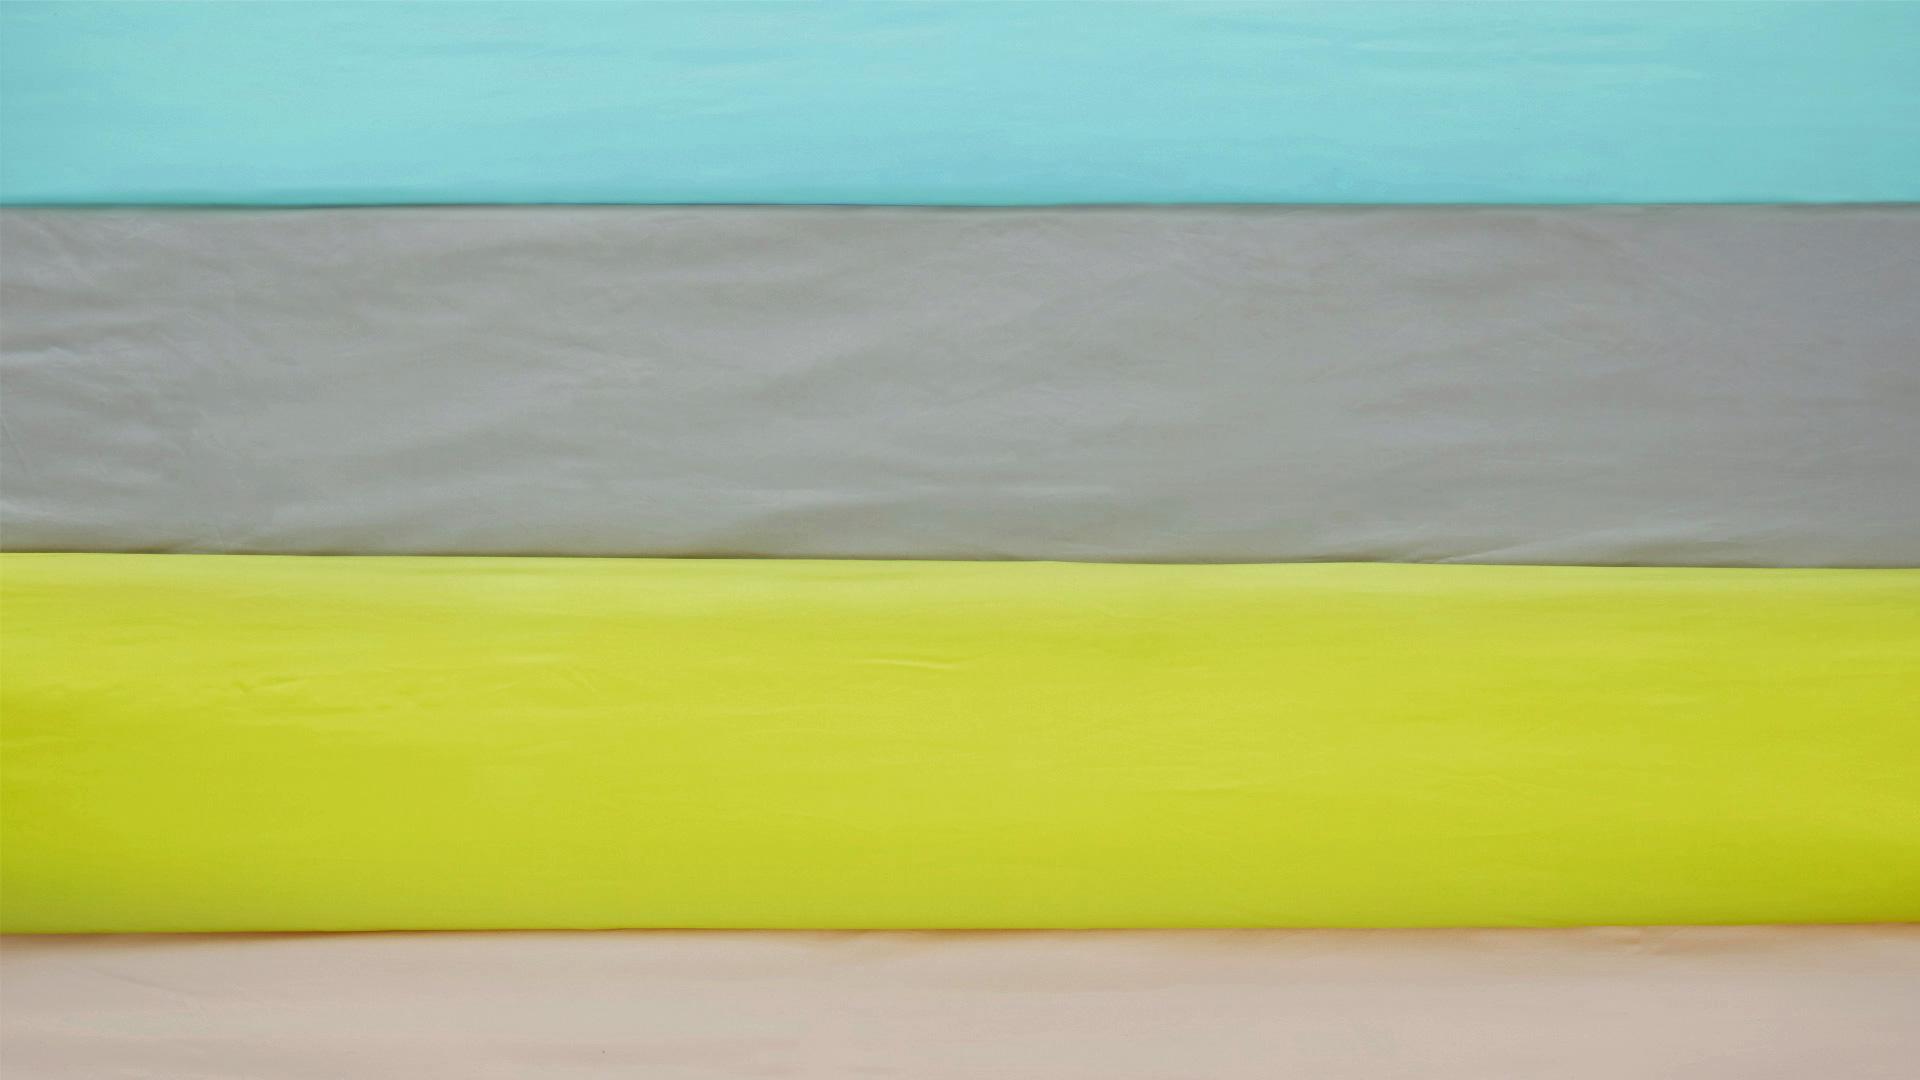 床品如何看颜值?浮夸艳俗必然不是美貌,睡觉时,我们需要的是柔和干净,有眠杜绝繁复沉闷的图案和刺眼的人造色,从源于生活场景实物的NCS色彩体系中筛选,用四种纯净自然色,产生六组撞色方案,让卧室也活泼一点。